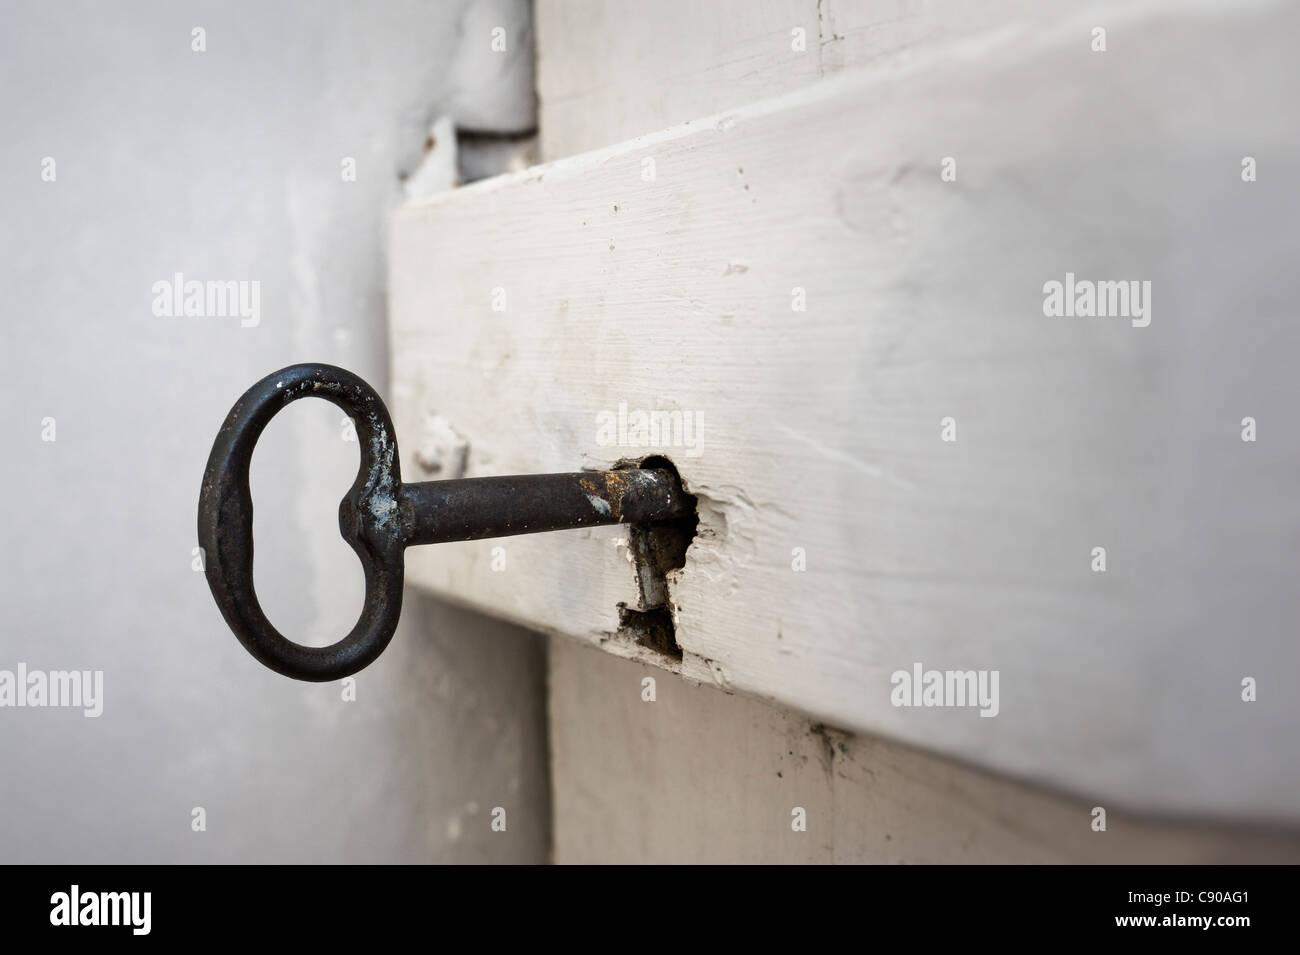 Old key in door lock Stock Photo 39960929 Alamy